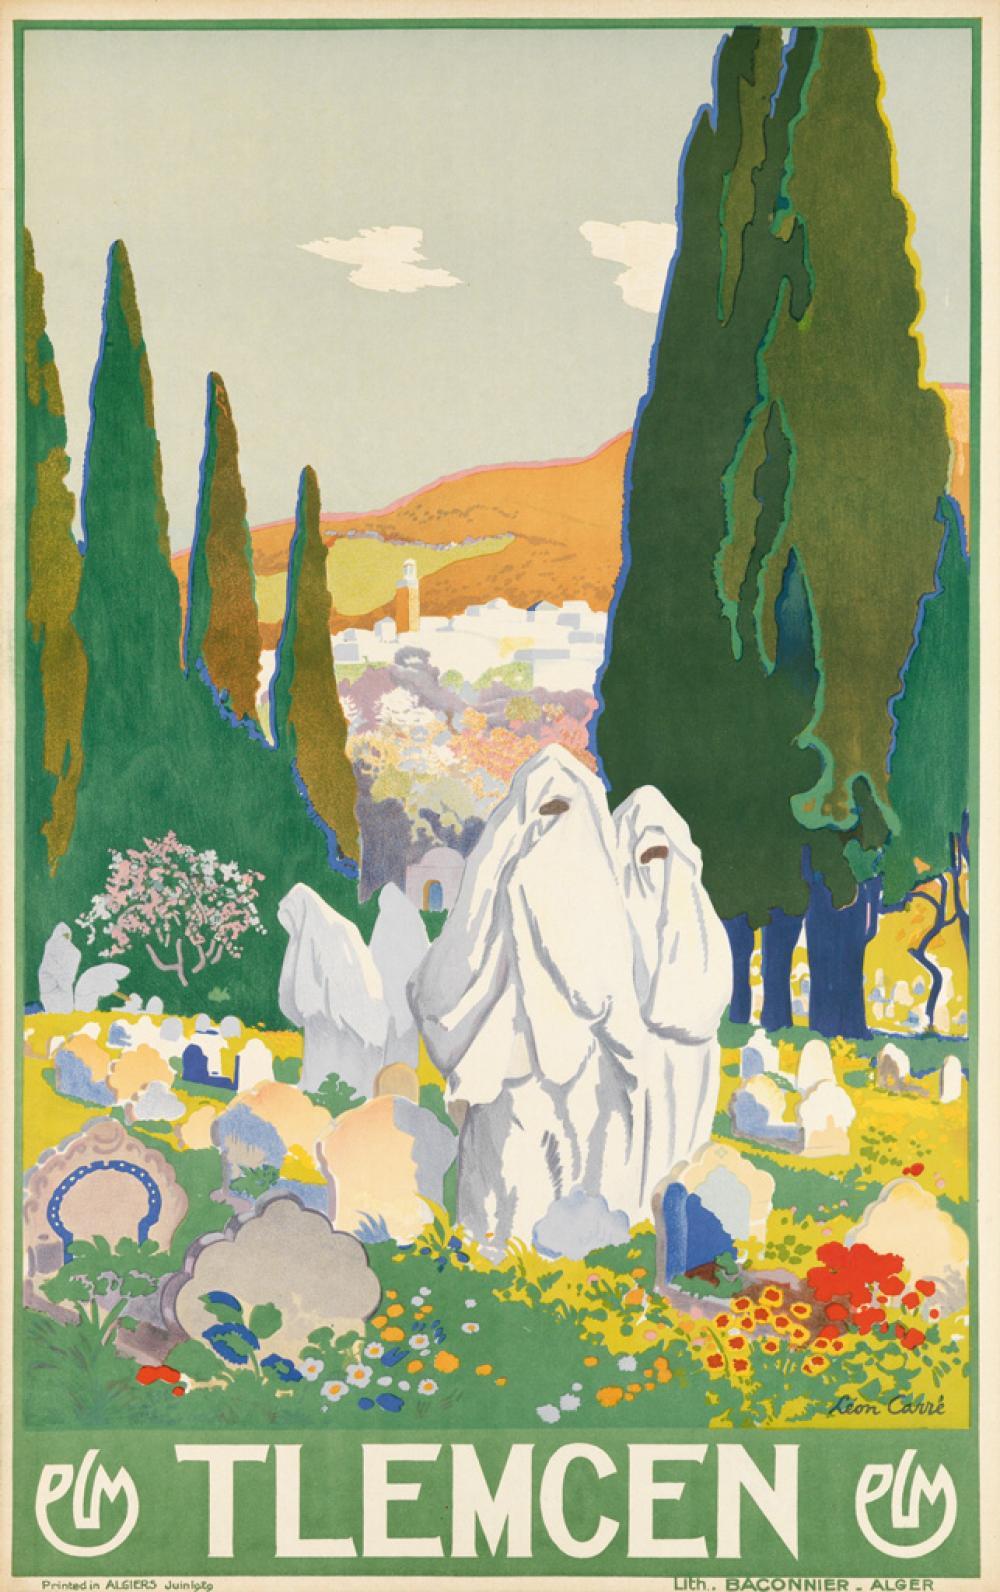 LÉON CARRÉ (1878-1942). TLEMCEN / PLM. 1929. 39x24 inches, 99x62 cm. Baconnier, Alger.